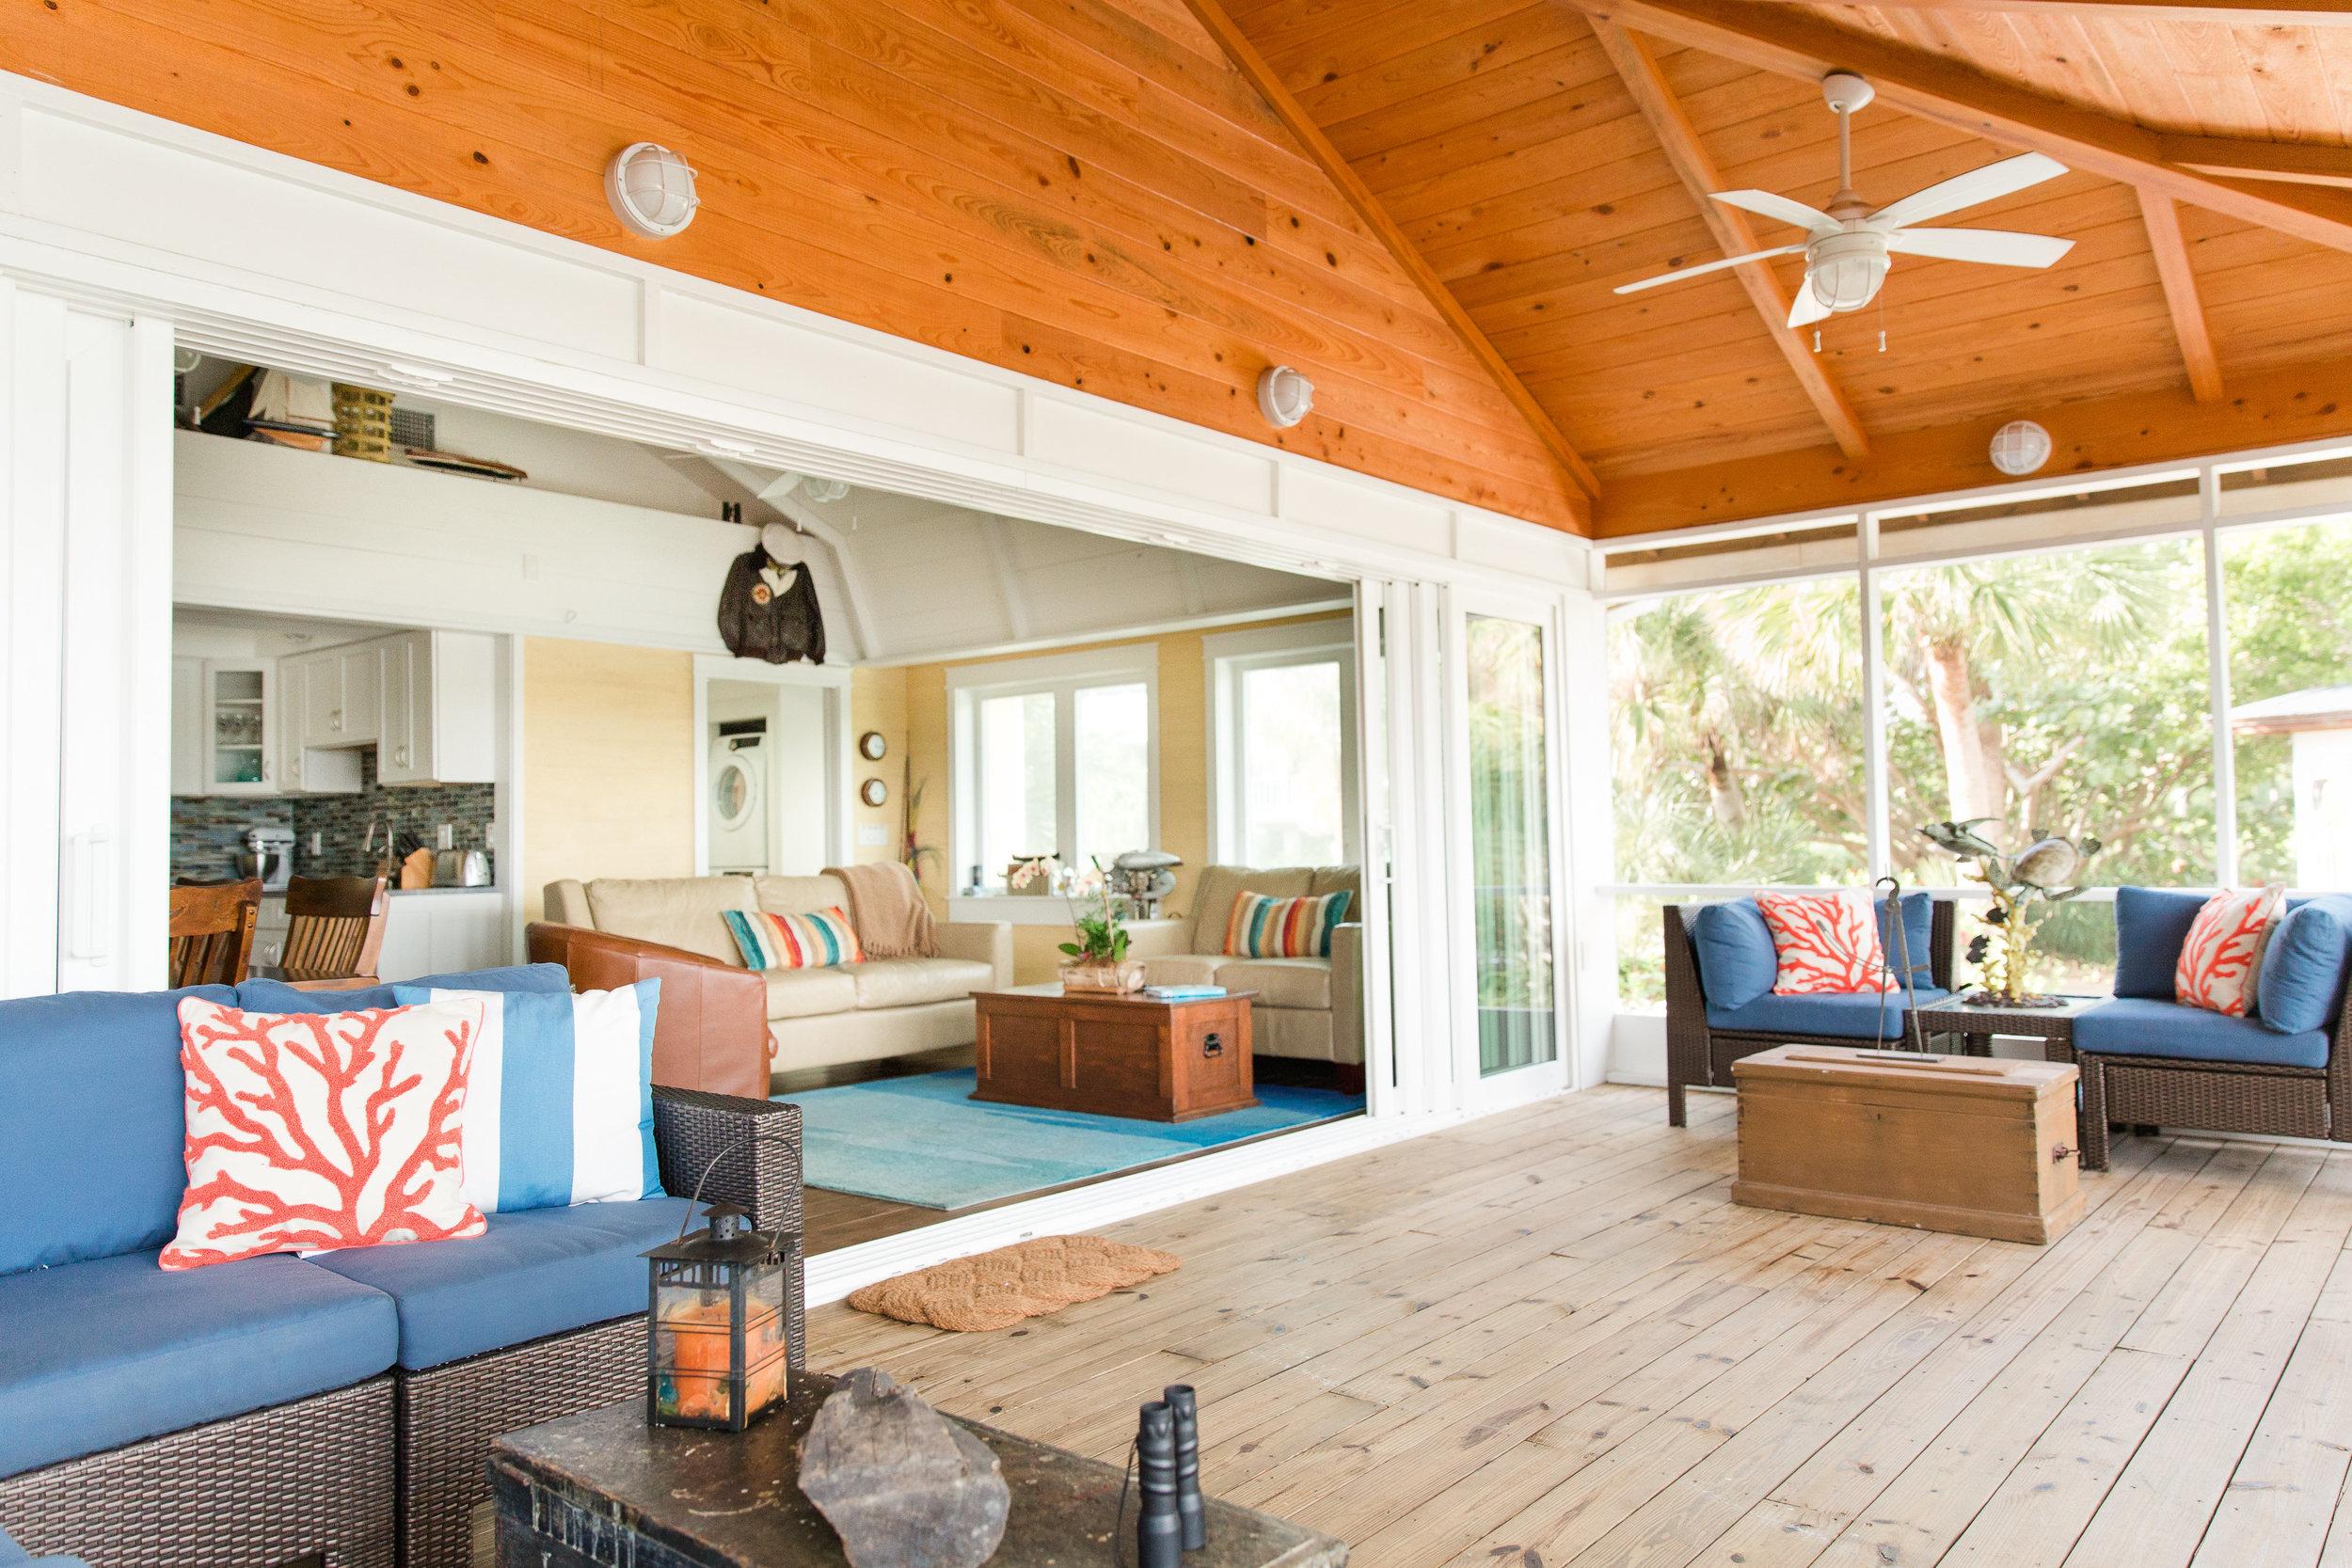 HOUSE-0005.jpg